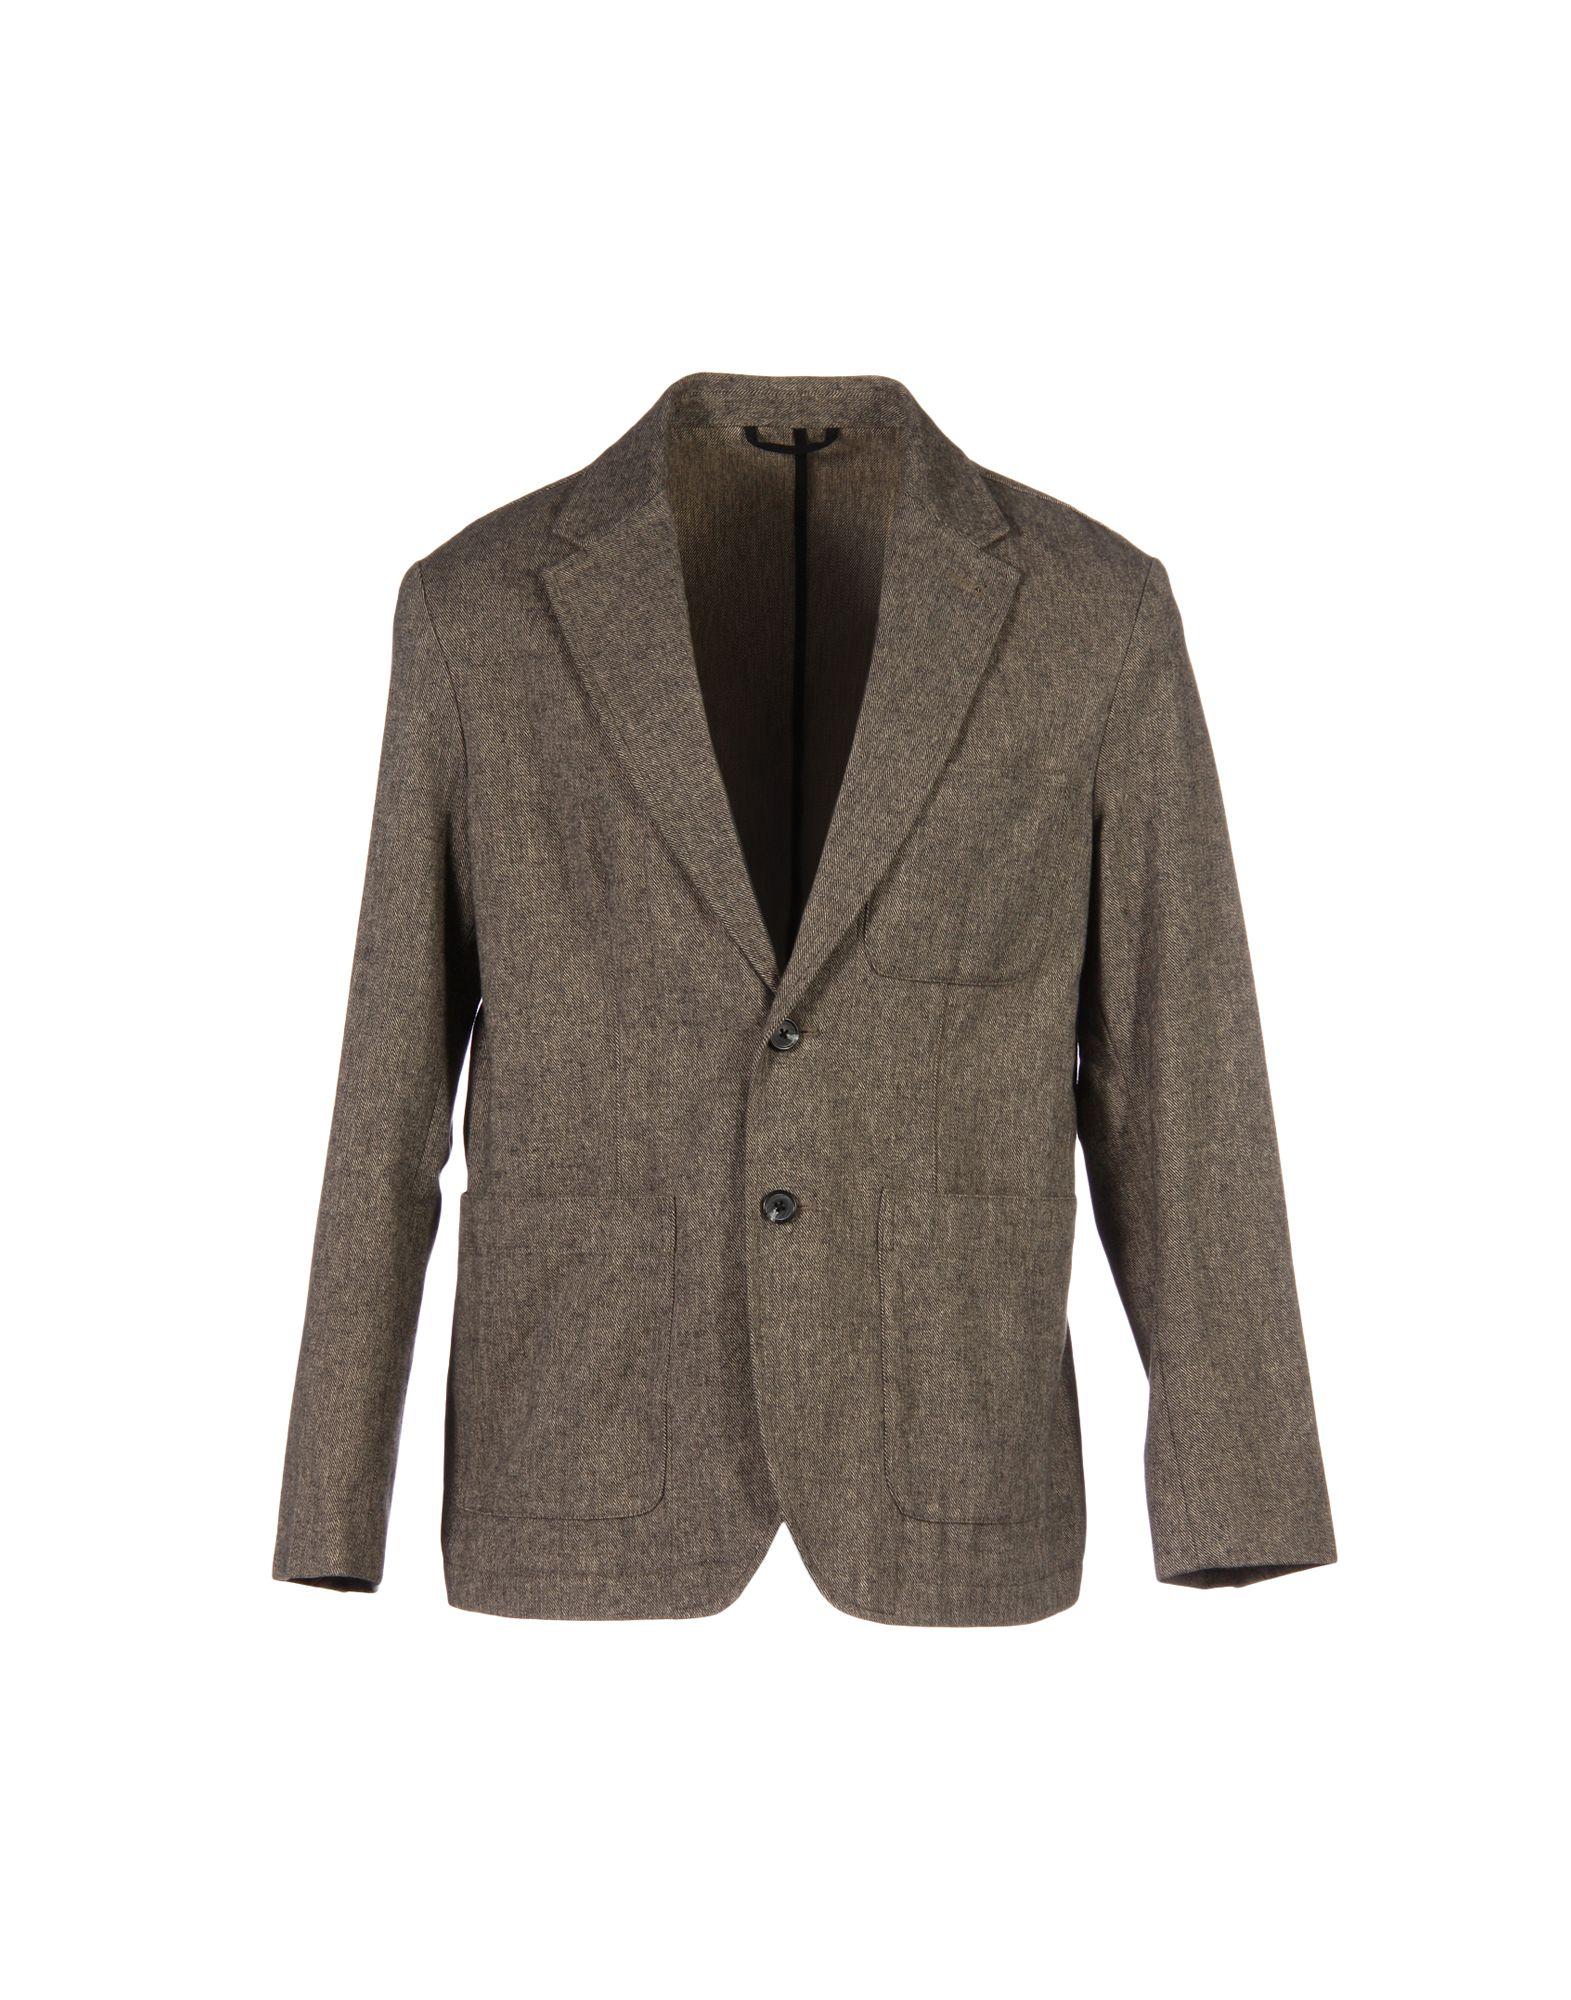 CADET Blazers in Dove Grey